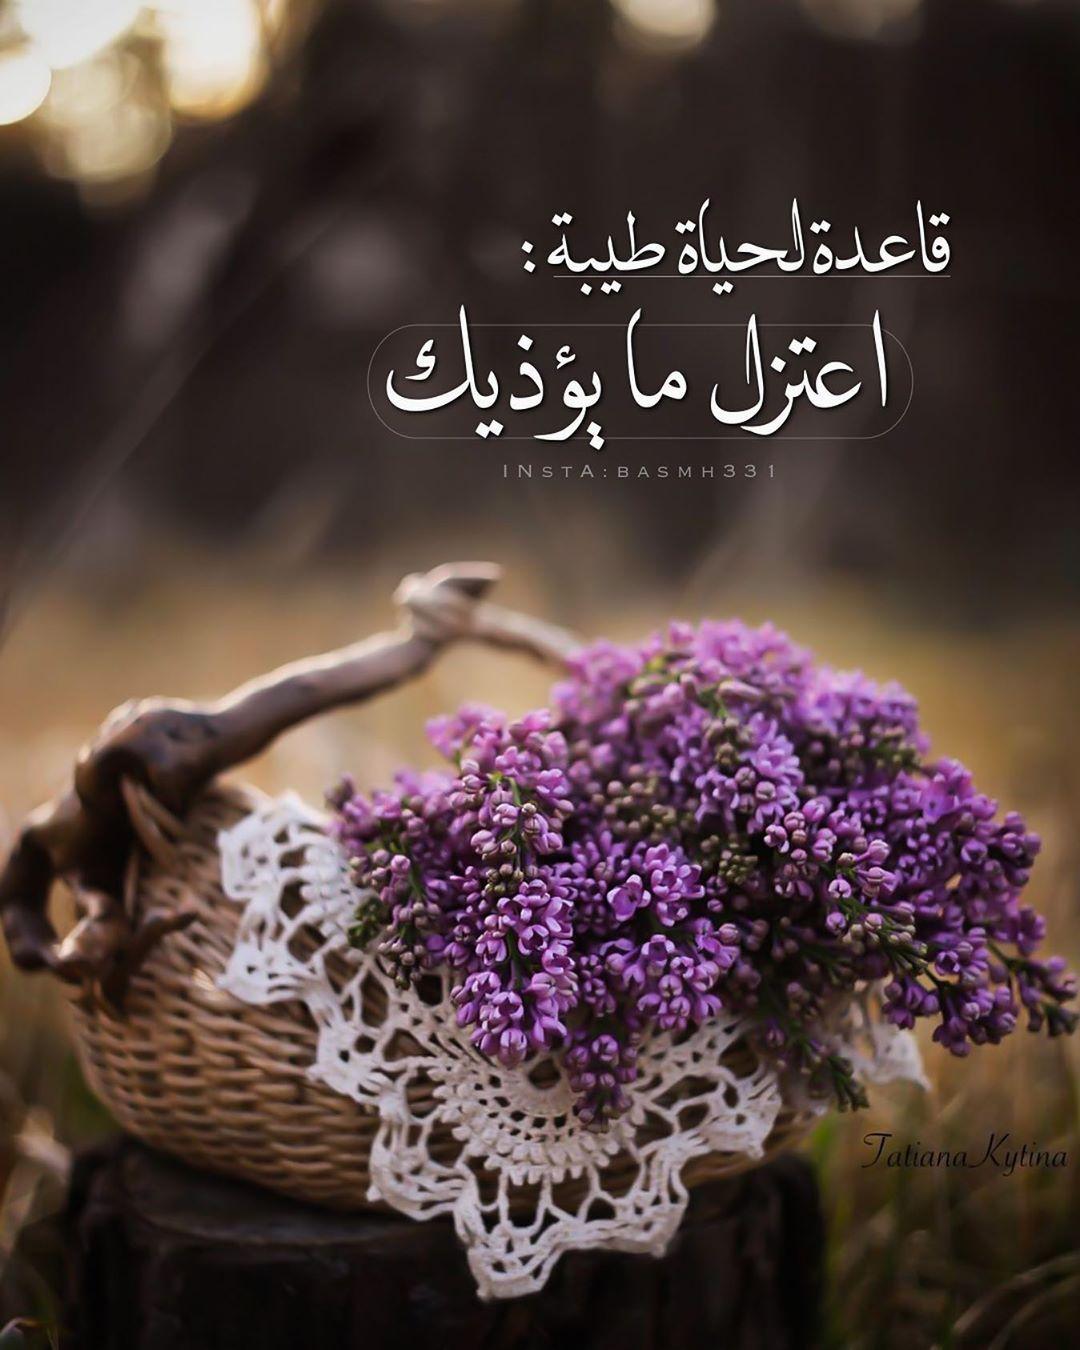 بسـمه الحازمي On Instagram قاعدة لحياة طيبة اعتزل ما يؤذيك مساء الخير الوتر تصميمي Islamic Quotes Quran Words Quotes Words